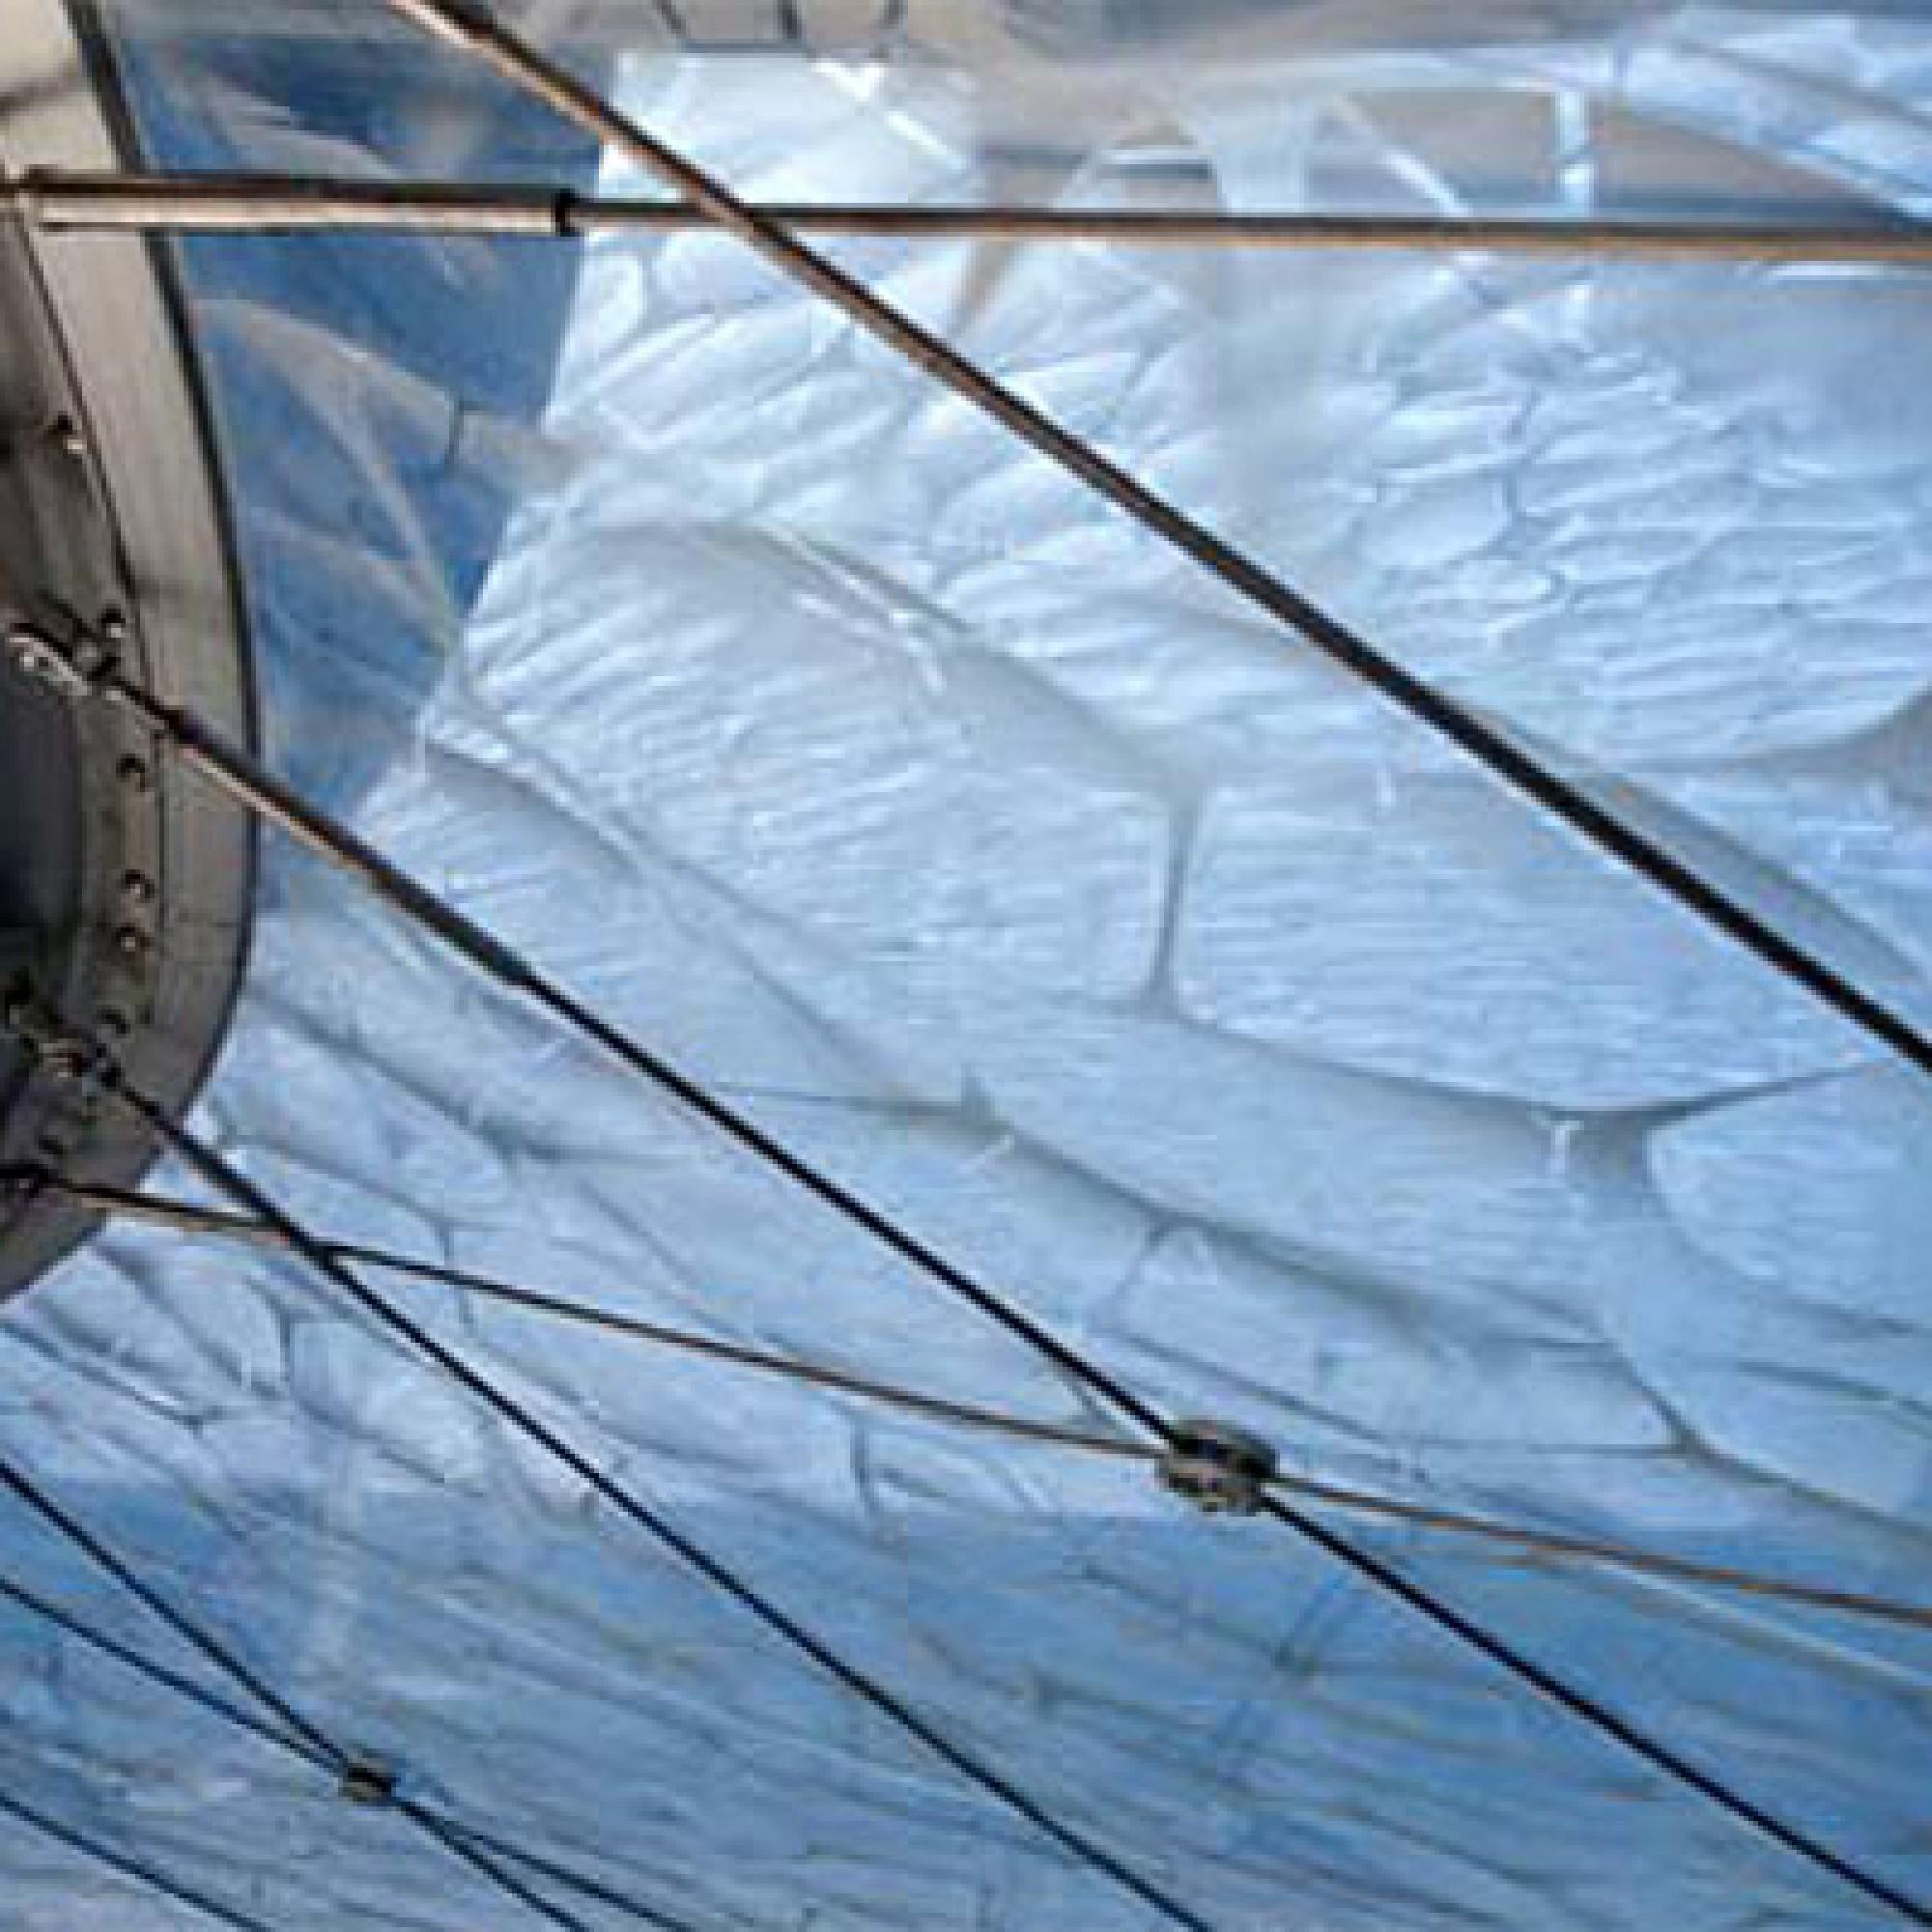 Effektvoll: das über und unter dem Luftkissen liegende unregelmäßige Netz aus Edelstahlseilen, das den Folien die benötigte Spannweite gibt. (Bild: pd))